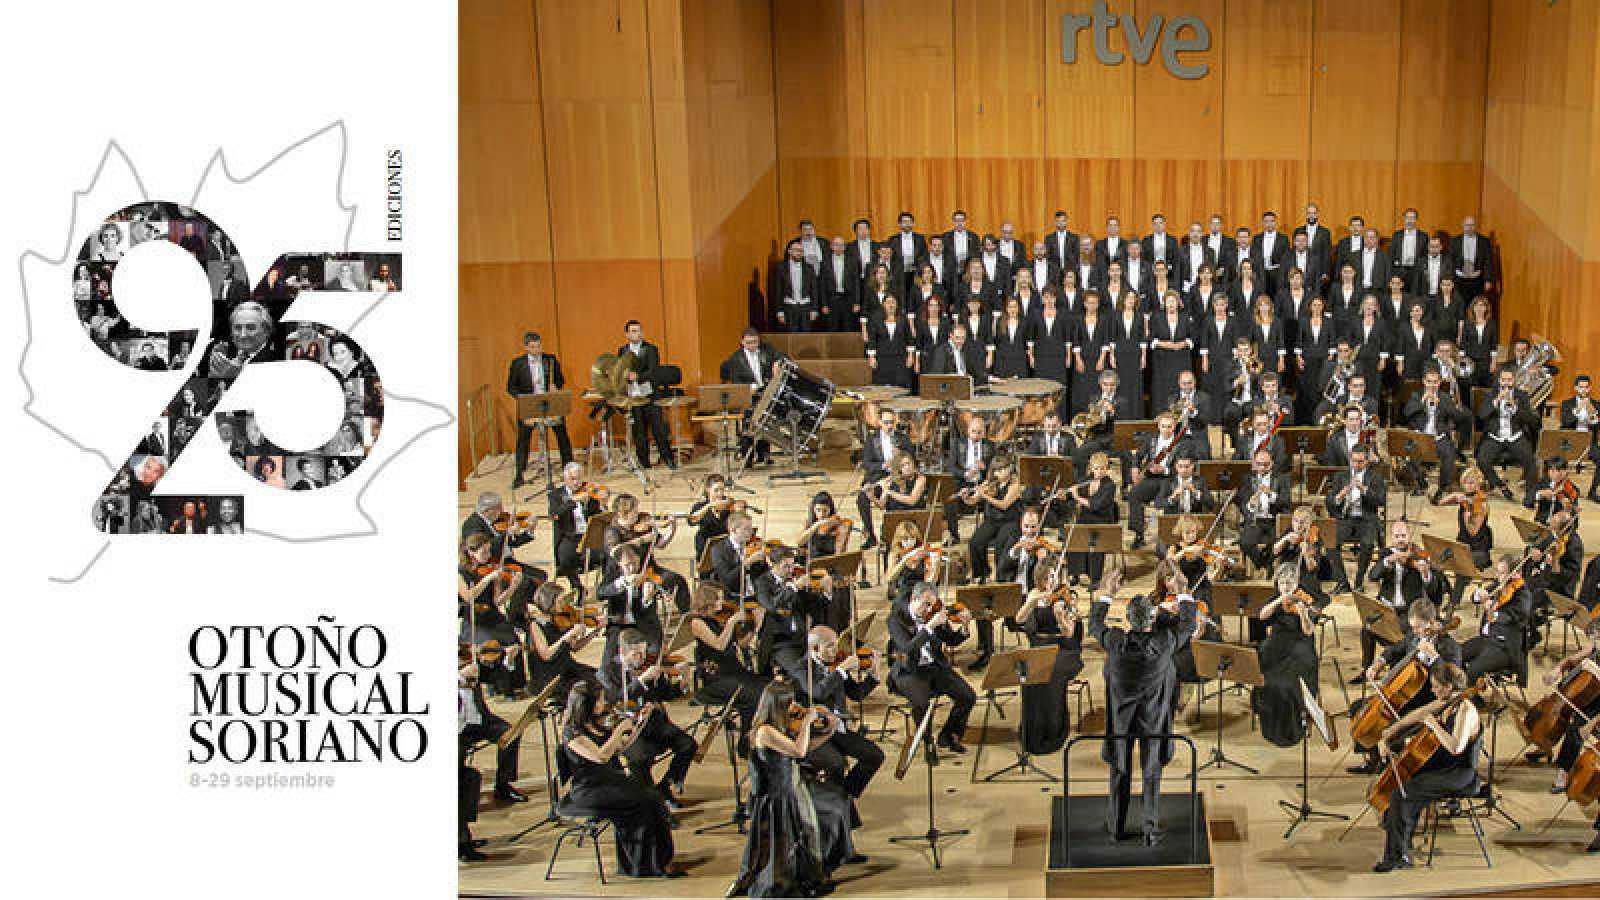 La Orquesta y Coro RTVE en el Otoño Musical Soriano